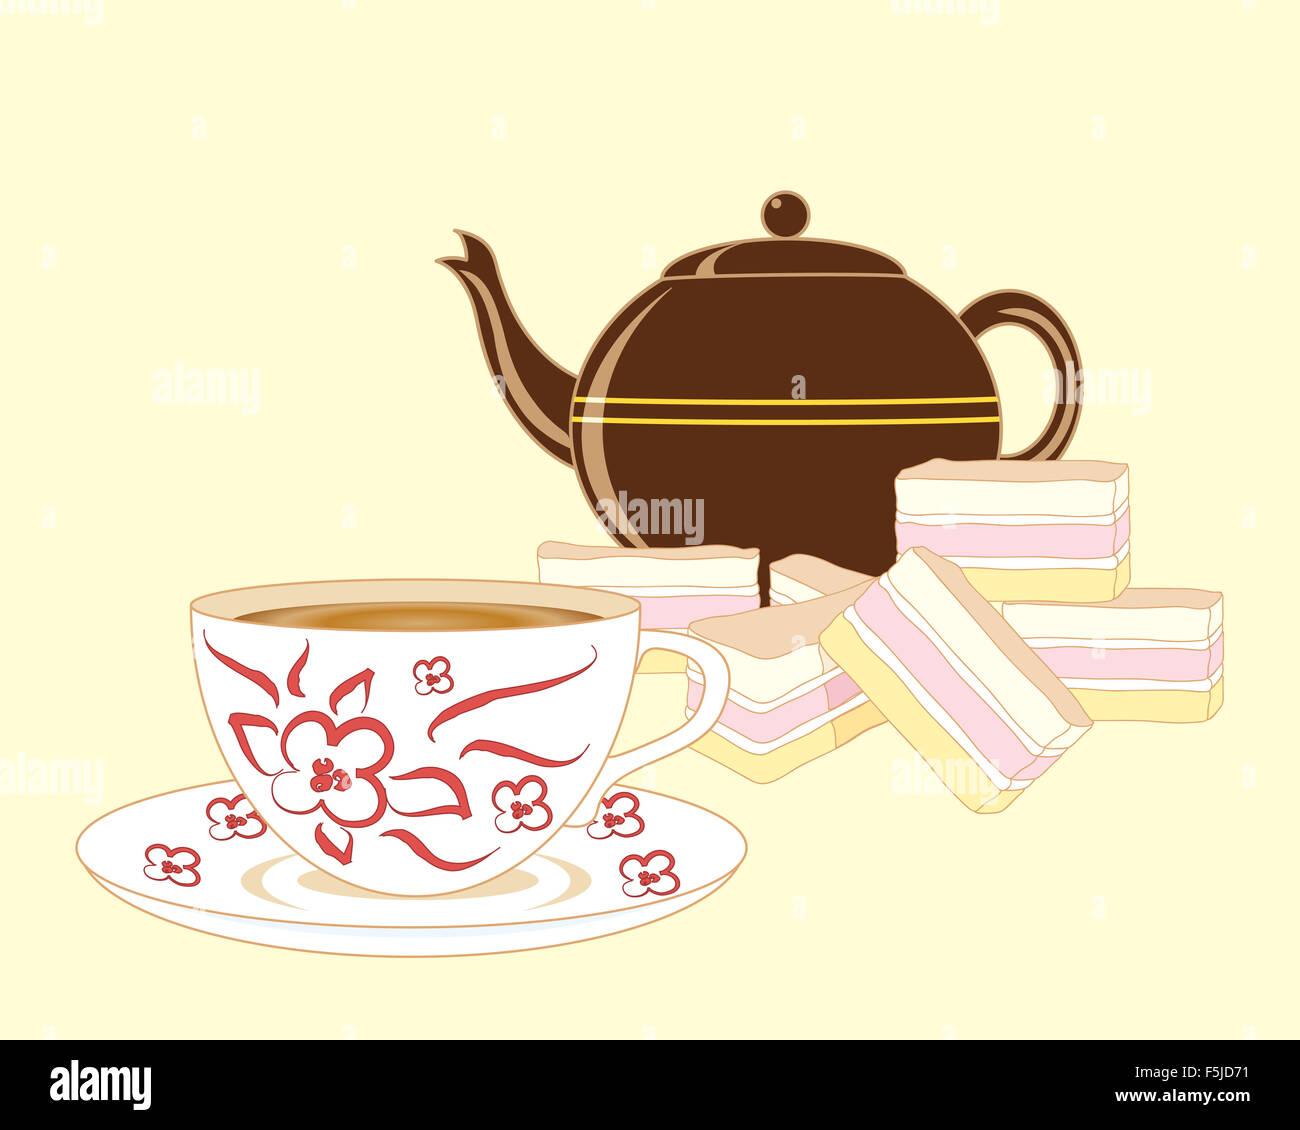 Ein Beispiel Fur Eine Ausgefallene Tasse Tee Mit Frischem Kuchen Und